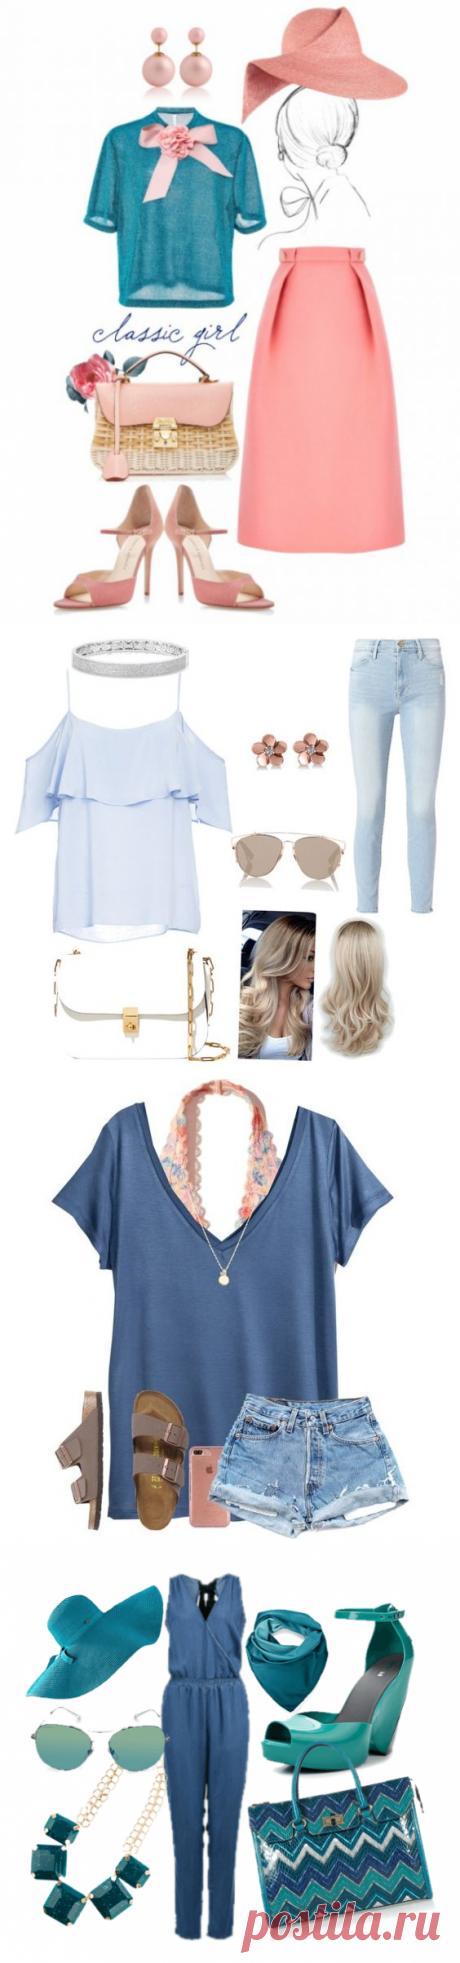 Что носить летом 2018? Стильные идеи и фото летних луков | Beautylooks